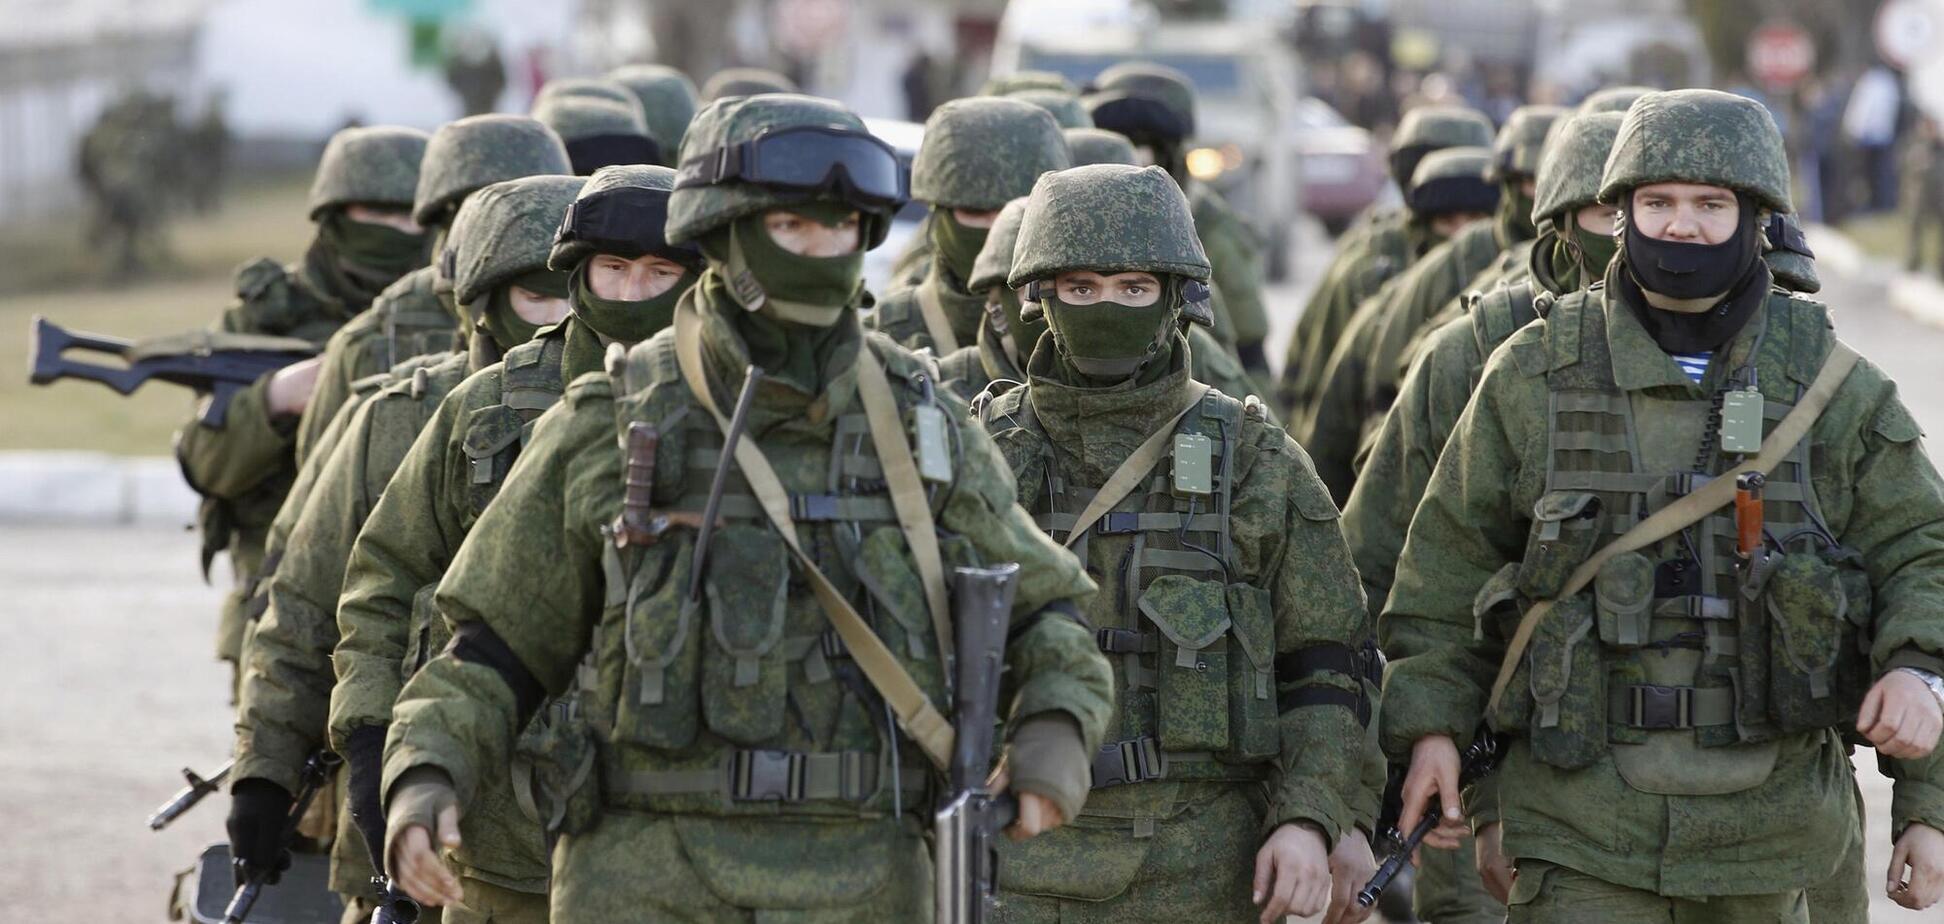 Російські війська без розпізнавальних знаків у березні 2014 року окупували український півострів Крим